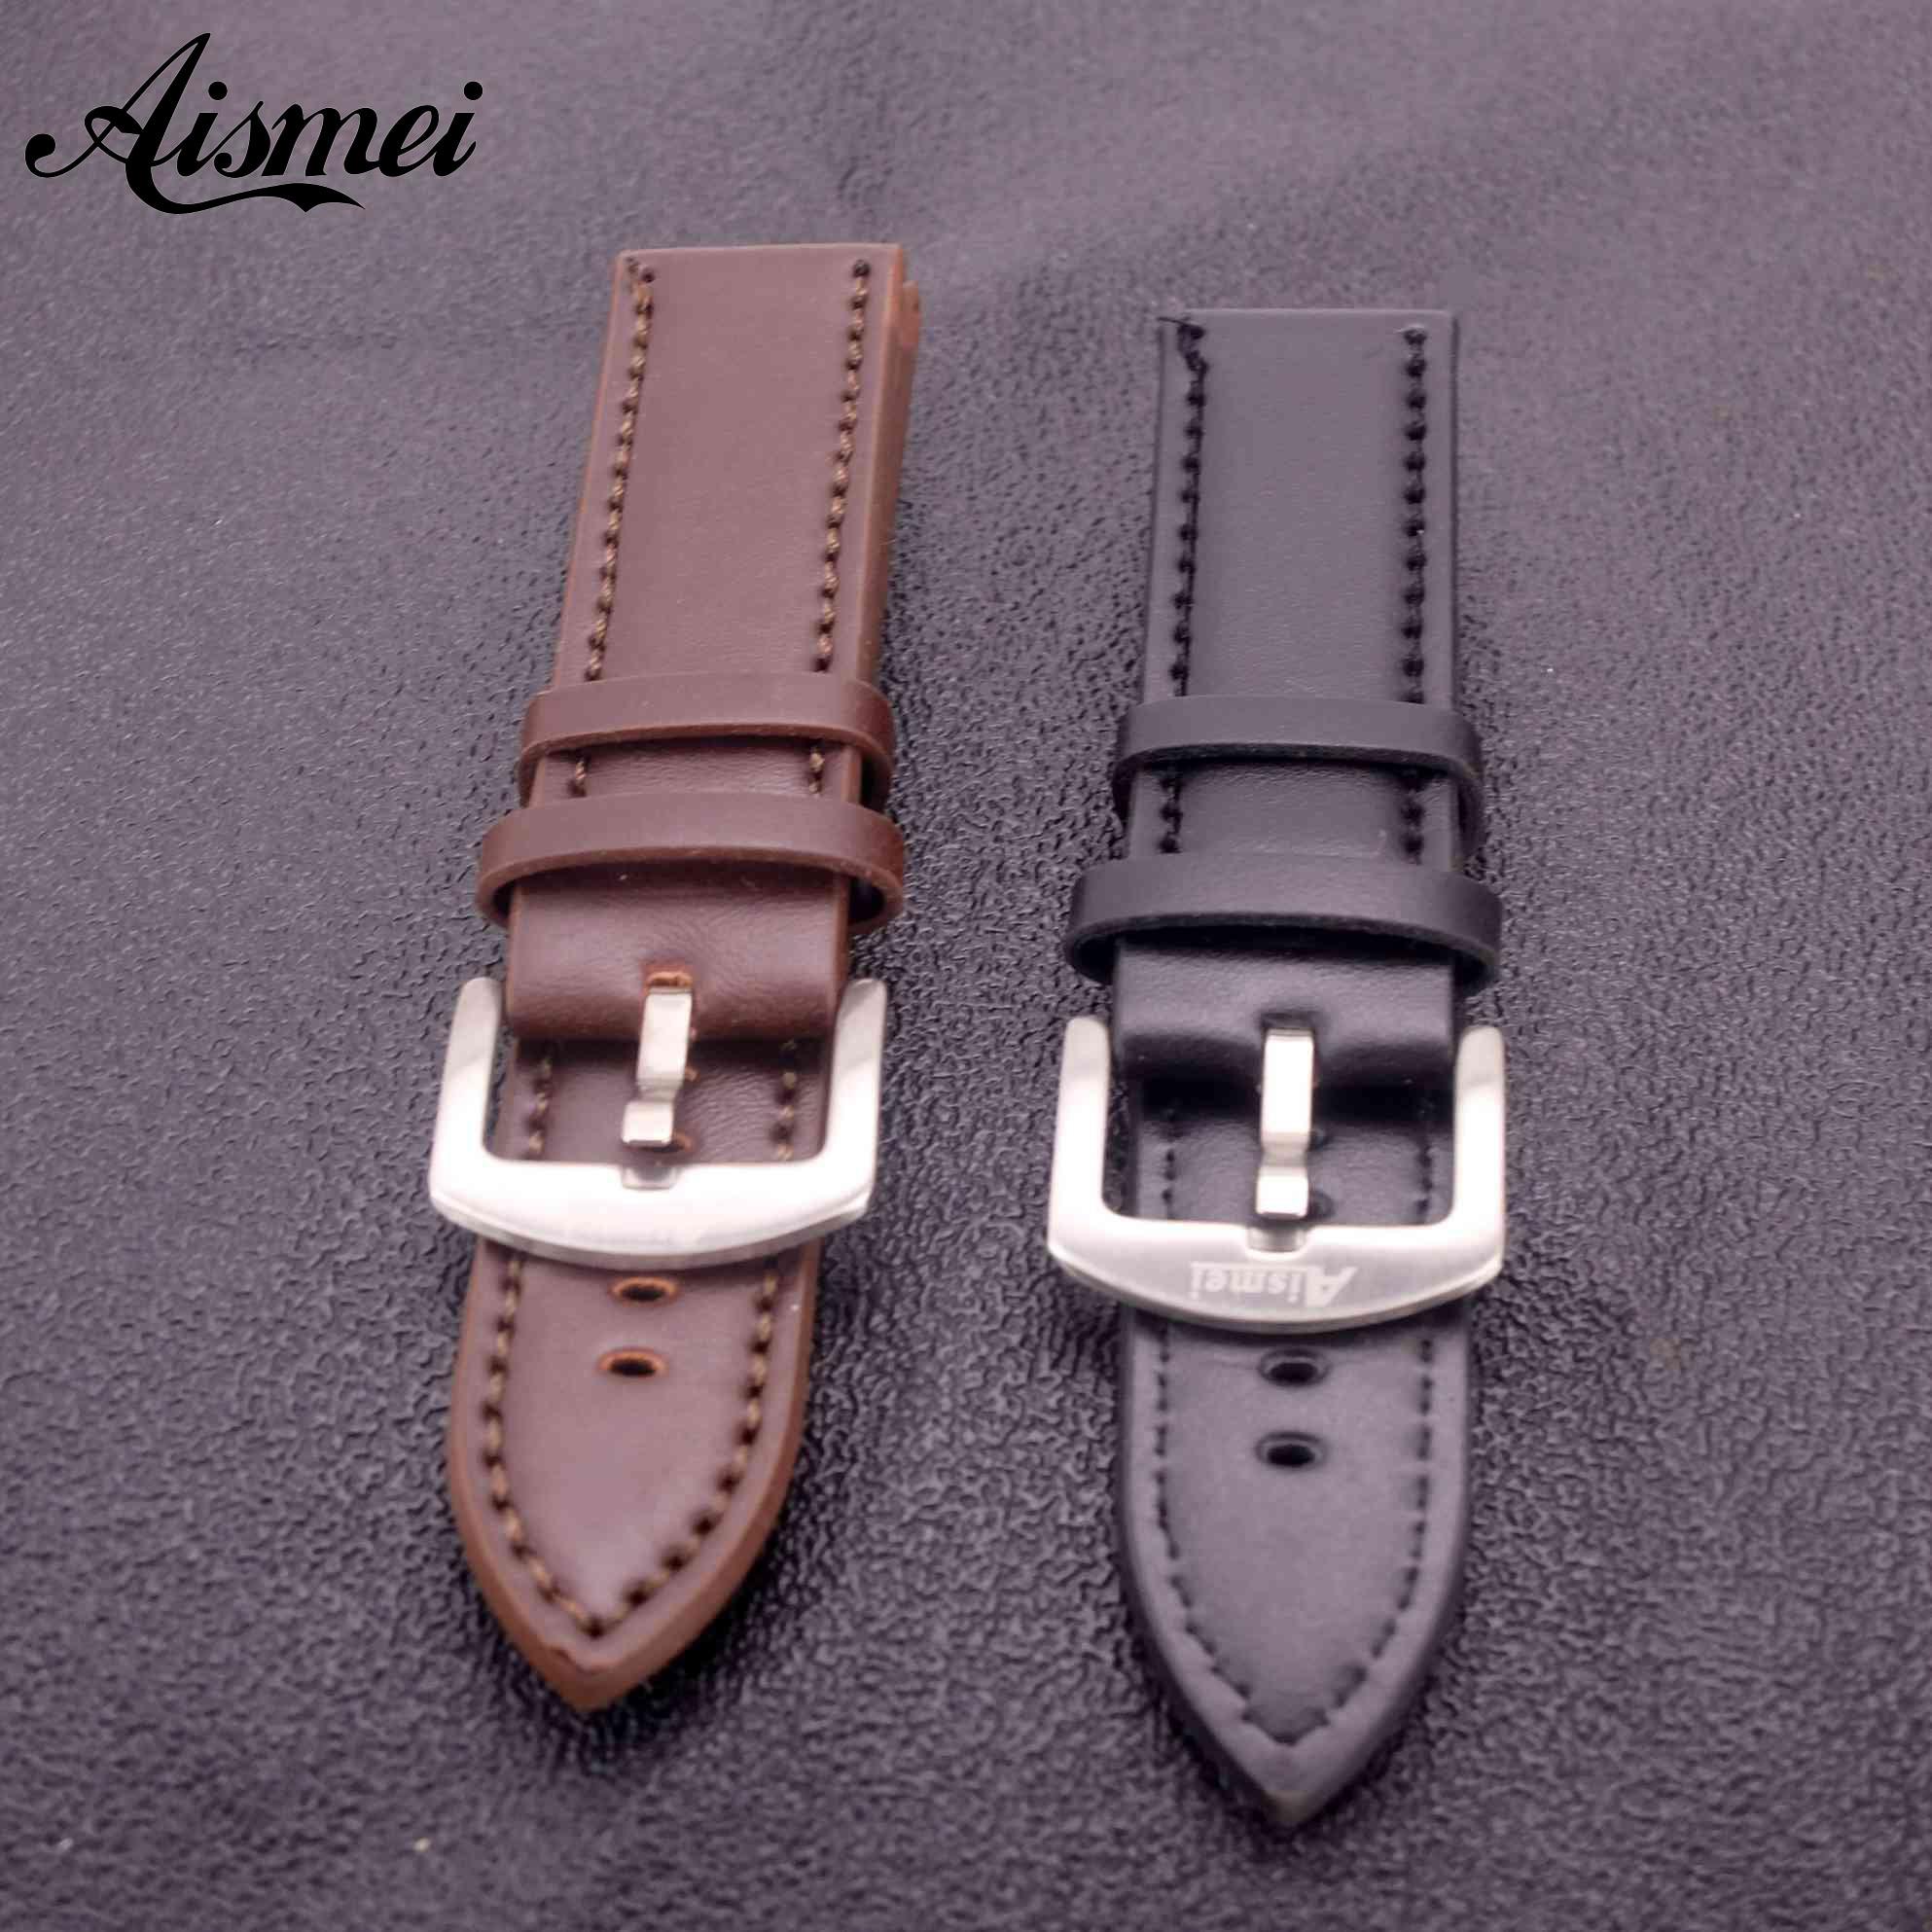 Aismei мужской ремешок для часов из толстой искусственной кожи 22 мм Ремешки для наручных часов высокого качества винтажные серебряные ремешки с пряжкой аксессуары для часов